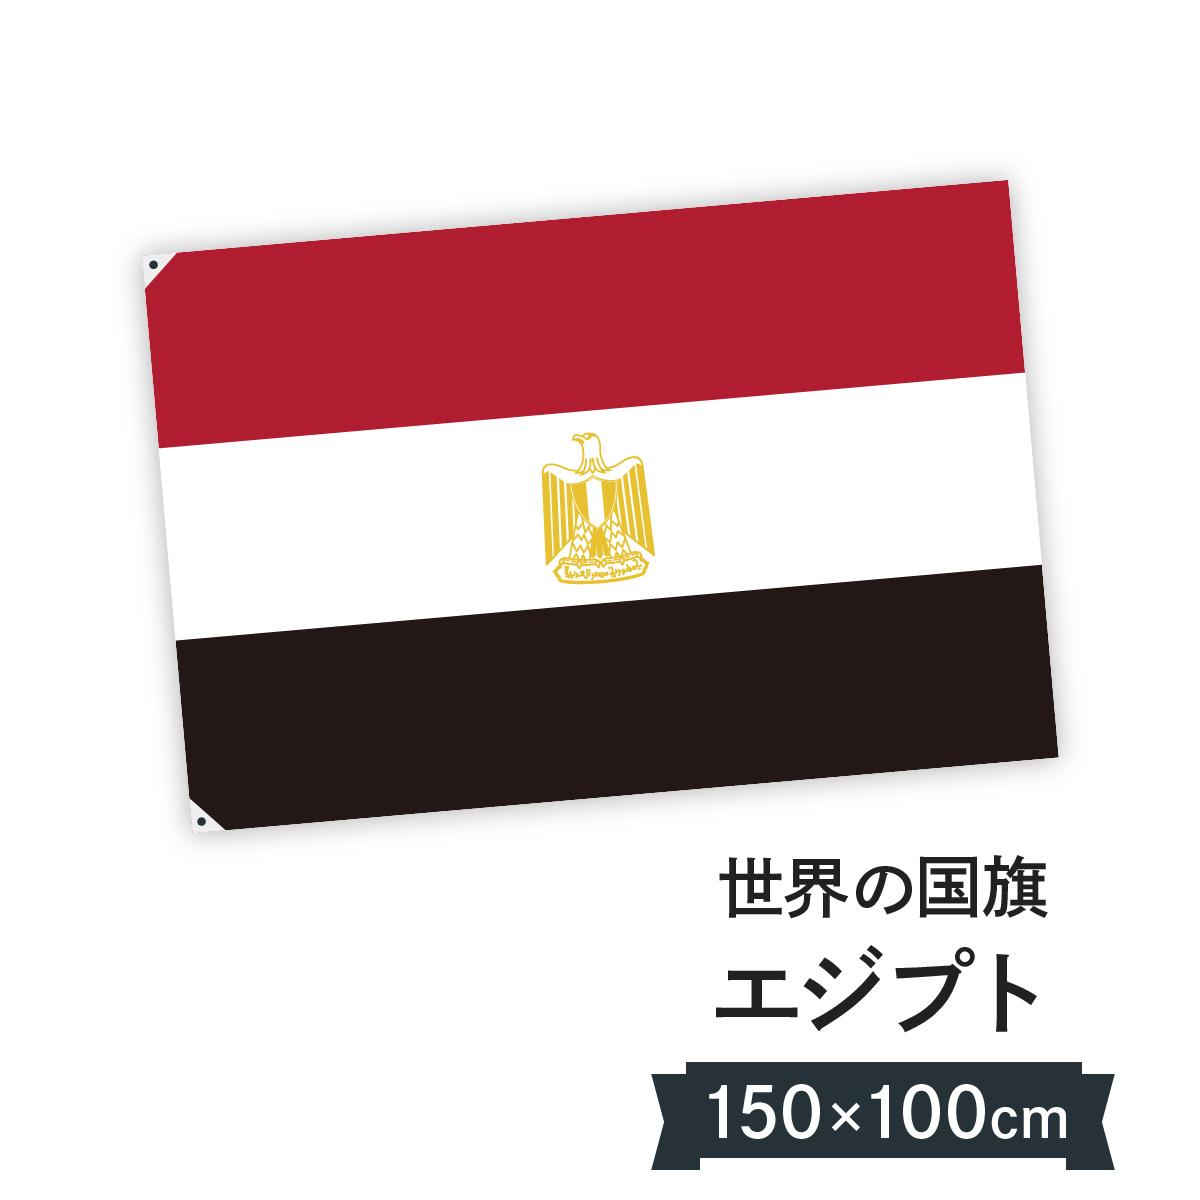 エジプト・アラブ共和国 国旗 W150cm H100cm